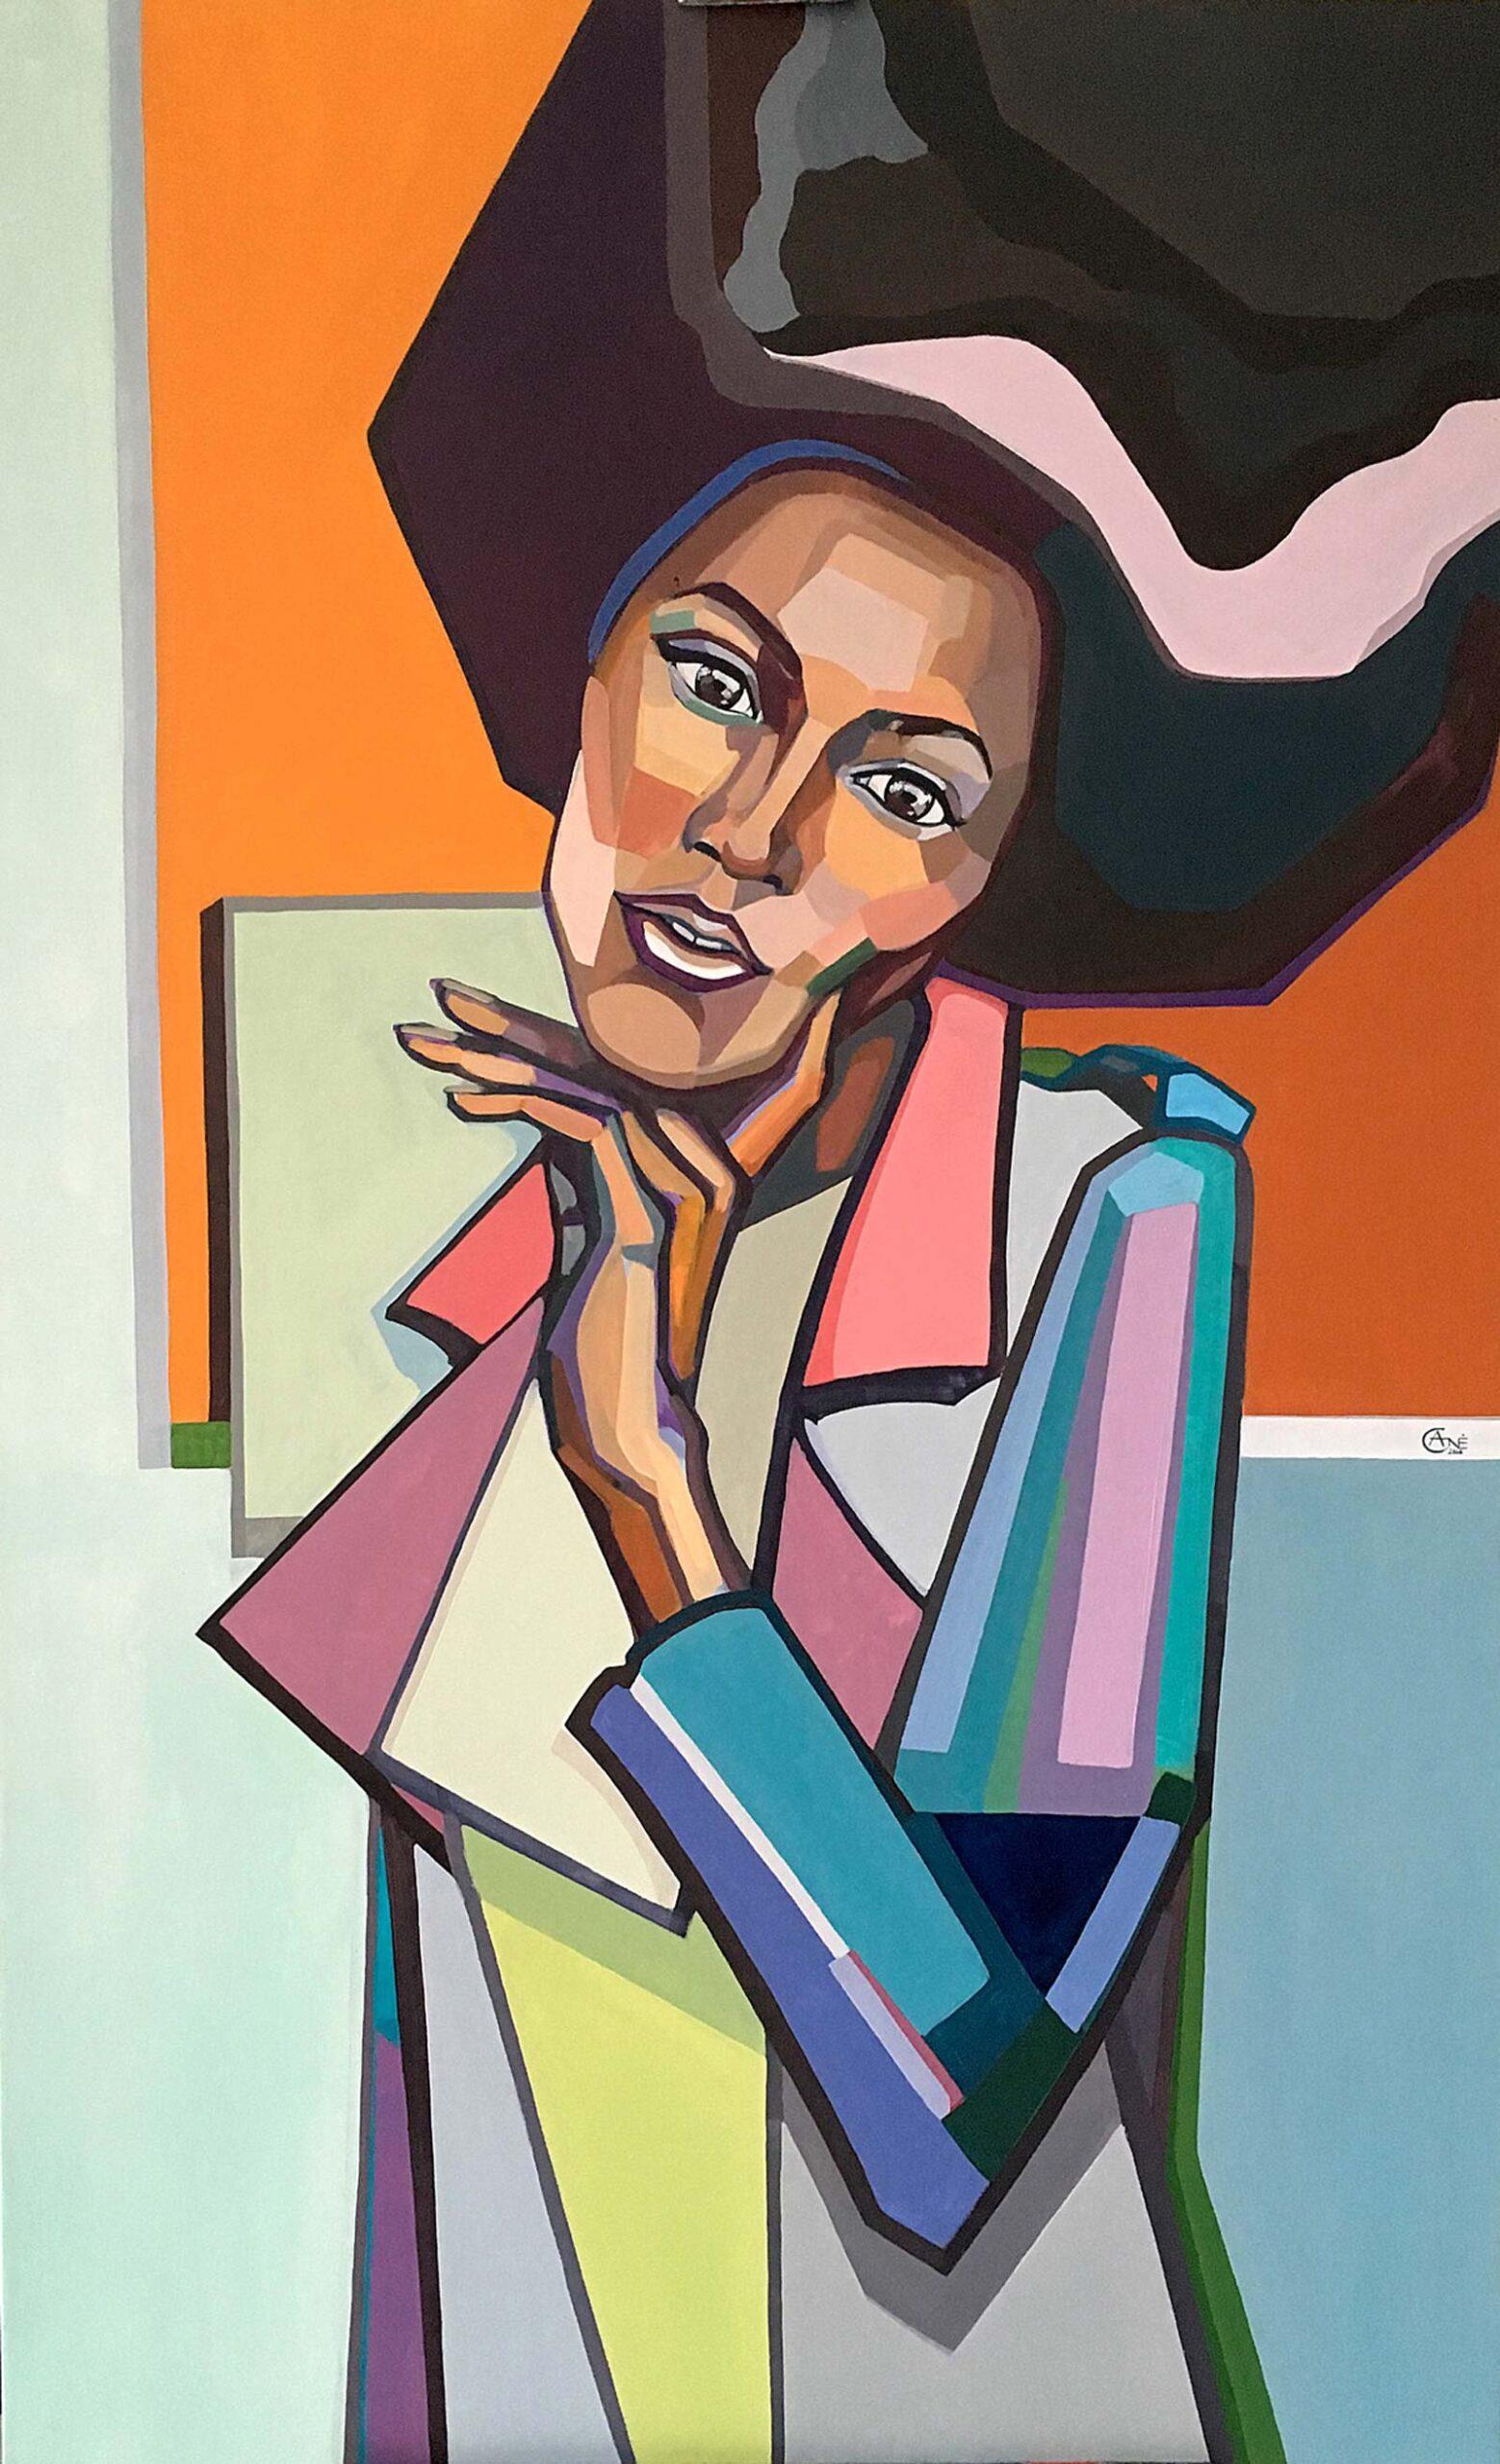 Modern acrylic painting 'Dreaming'. Artist Agne Kisonaite